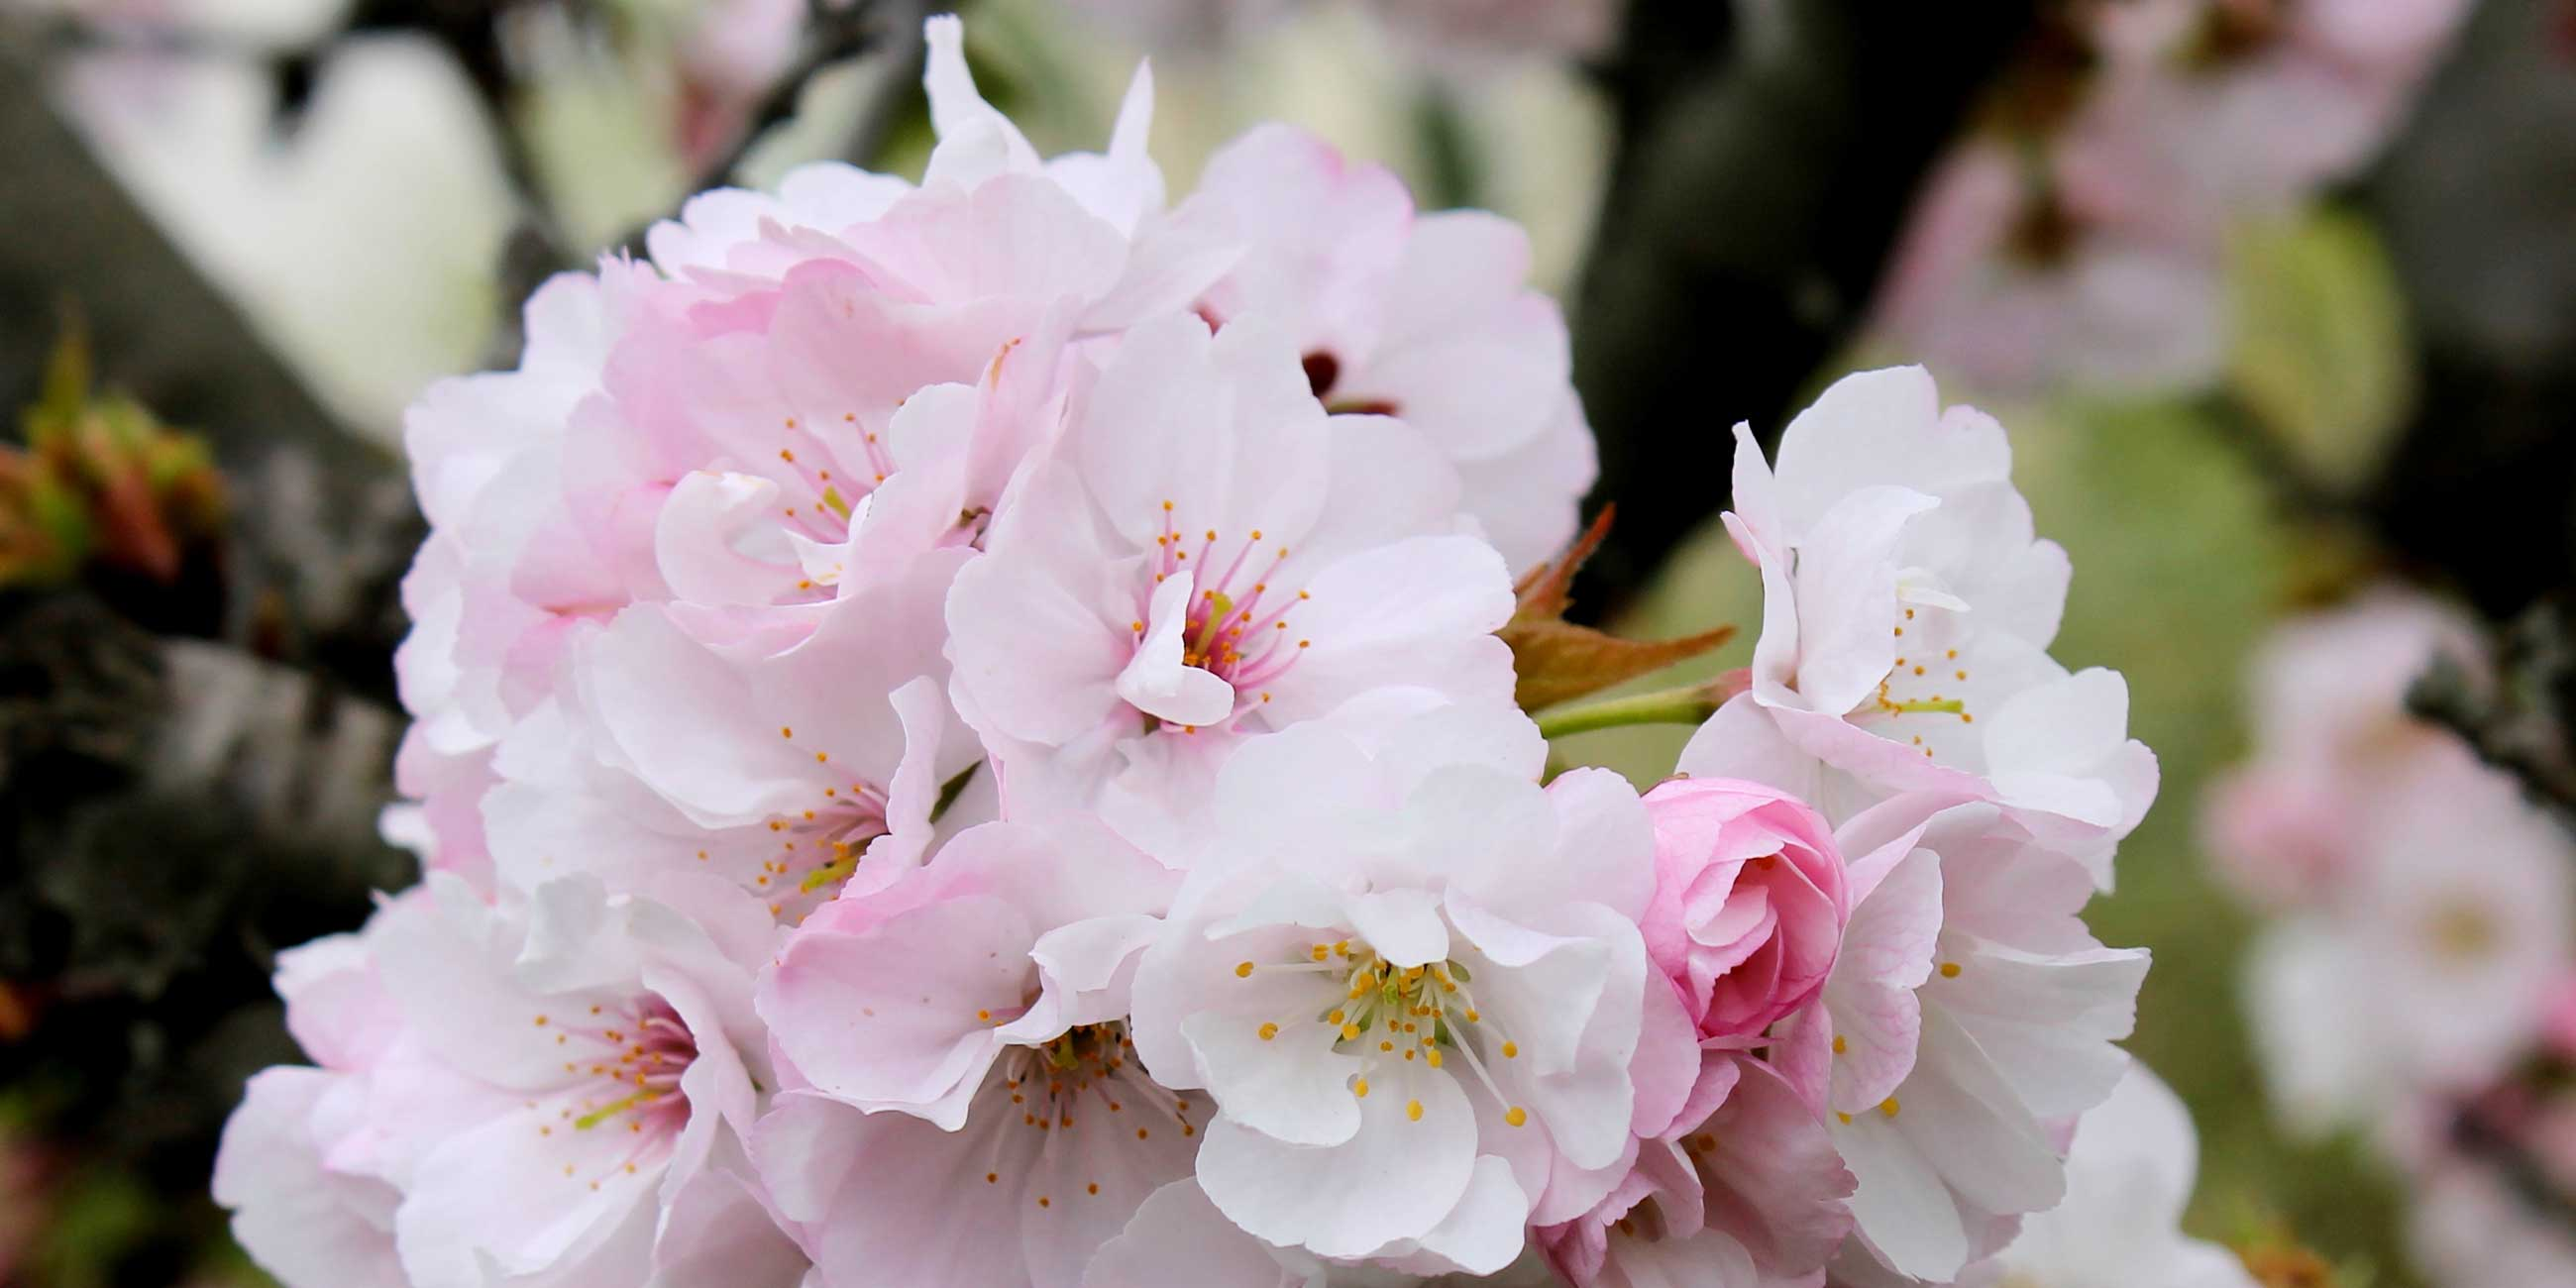 Полюбуйтесь нежно-розовыми цветами японской сакуры.Фото: Сергей Казанцев, commons.wikimedia.org